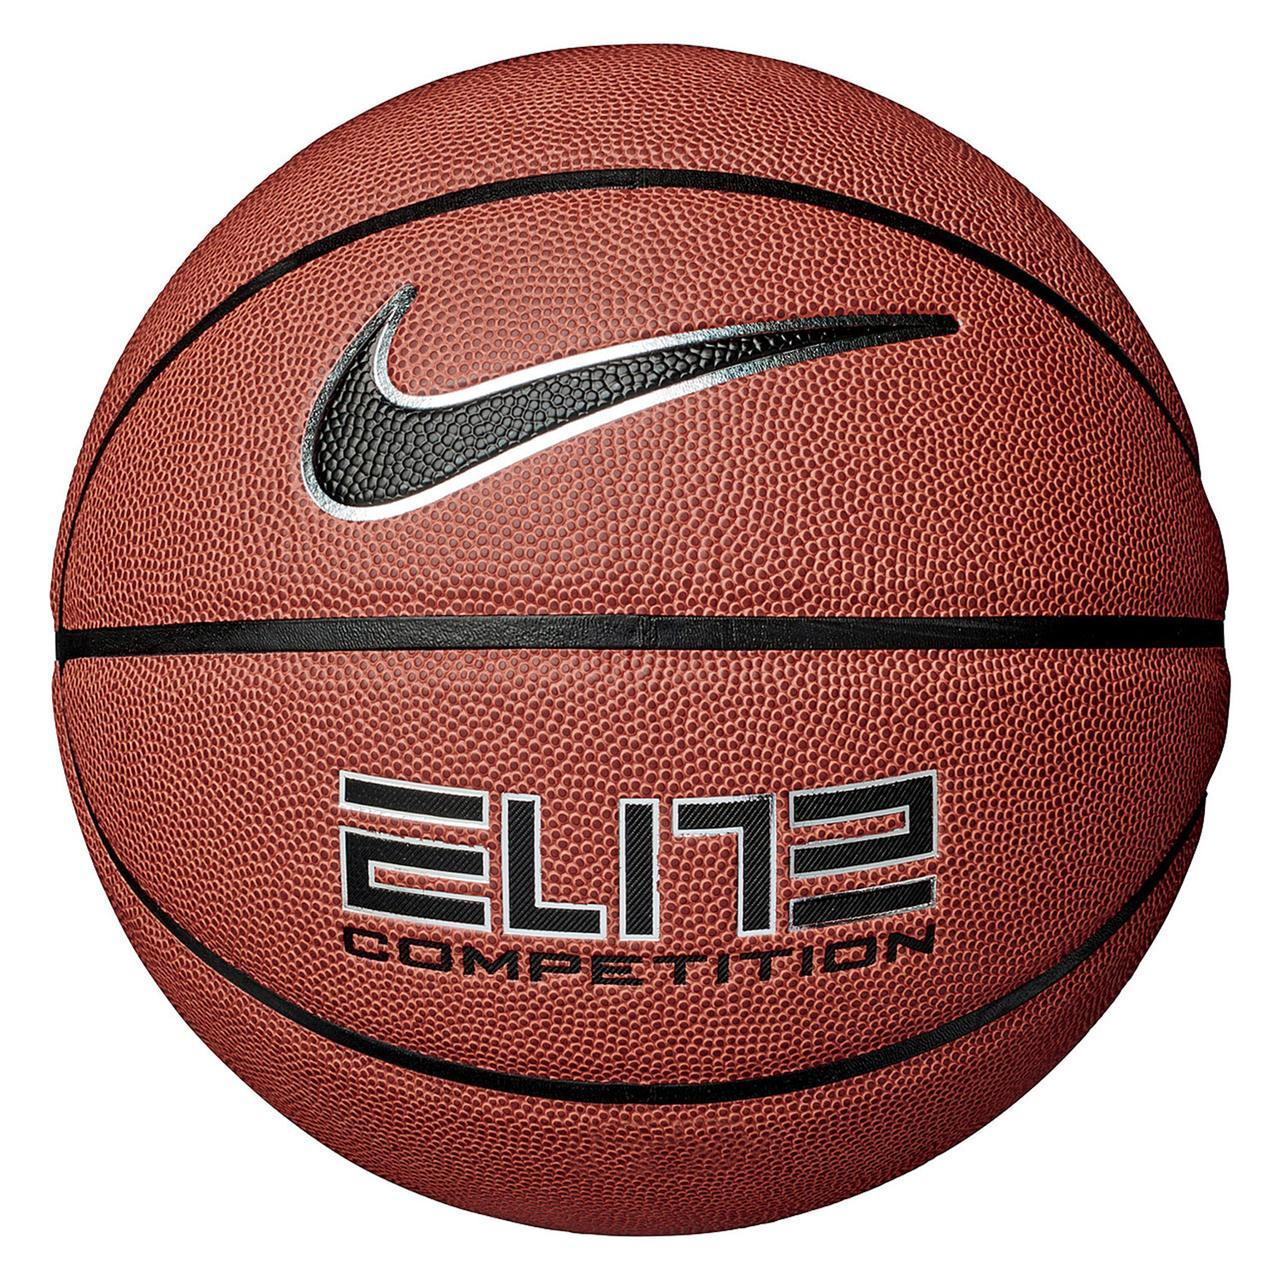 Мяч баскетбольный NIKE ELITE COMPETITION 2.0 size 7 (N.000.2644.855.07)